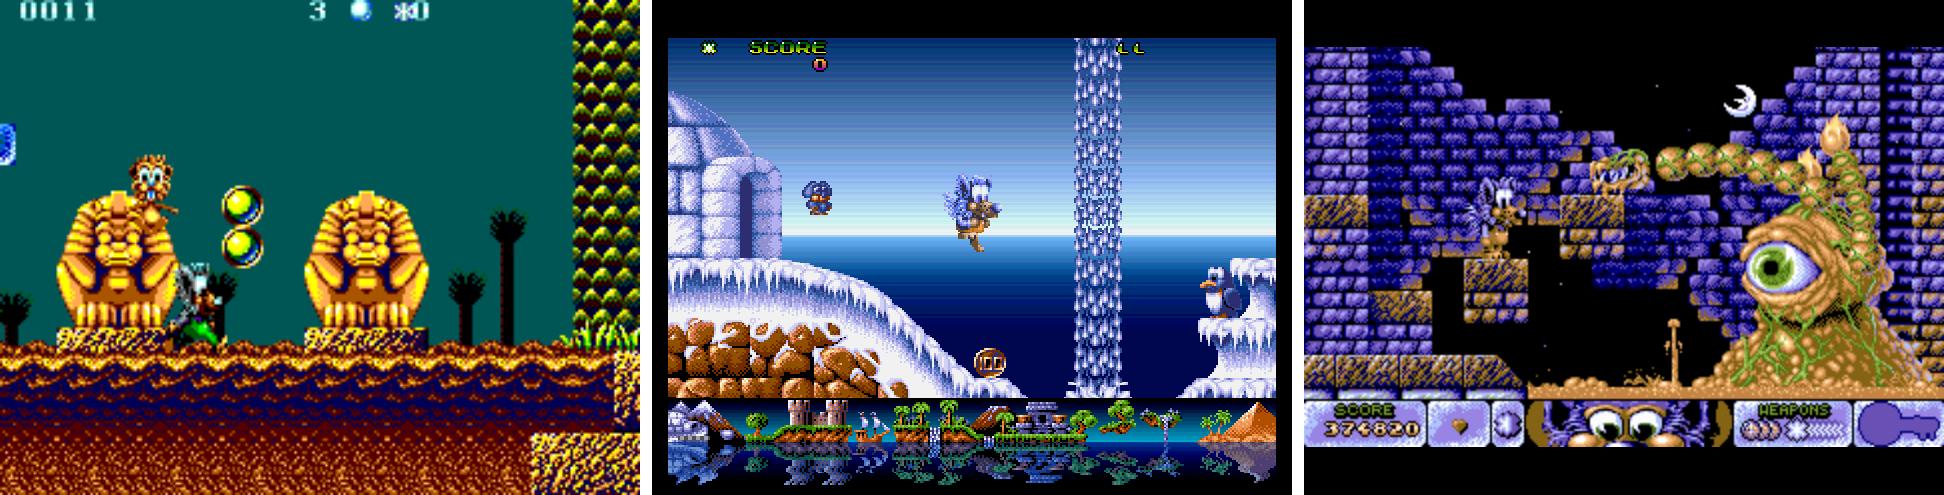 Sega Master System - Amiga - PC